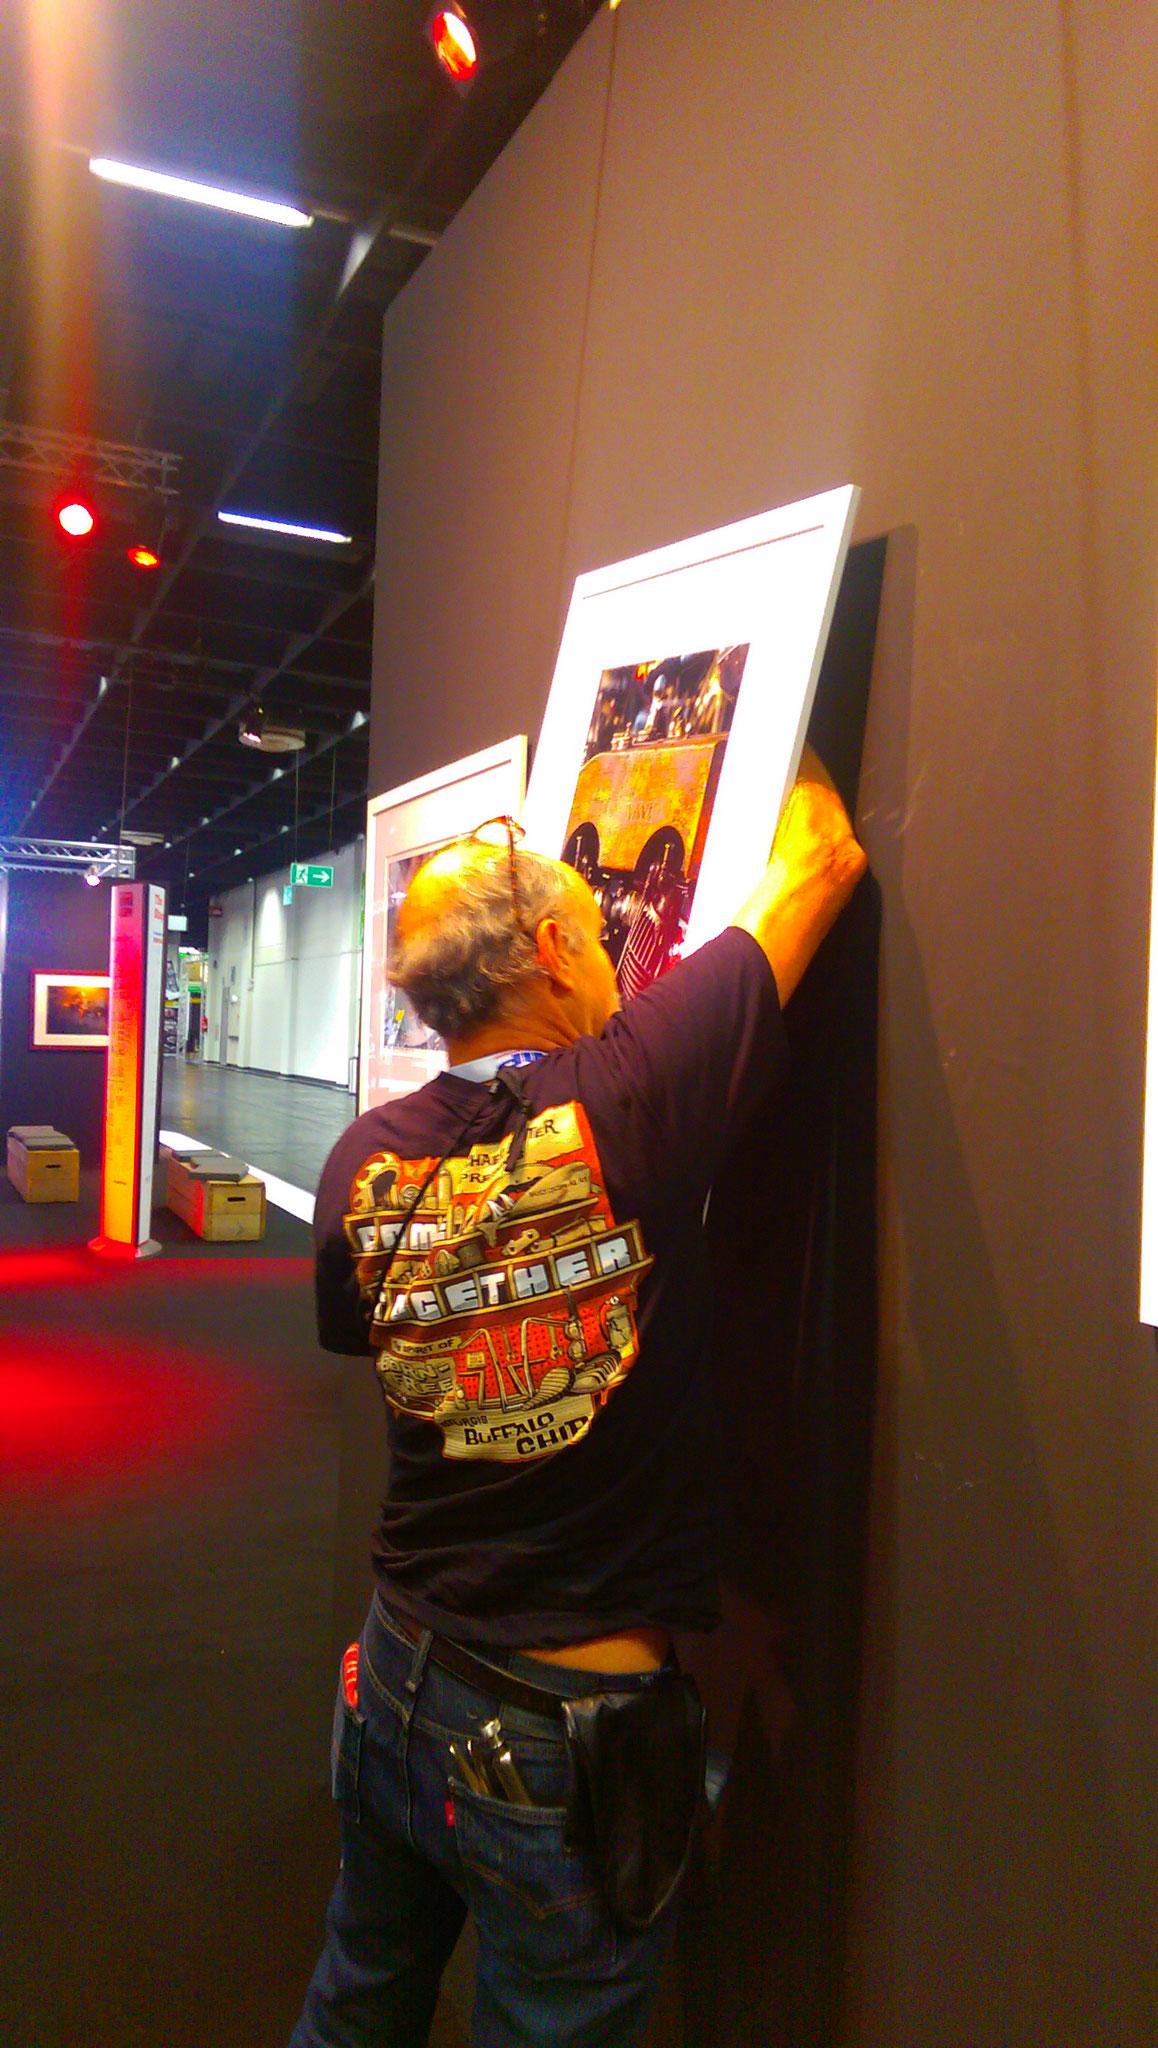 Mein US-Kollege Michael Lichter beim Präparieren seiner Ausstellung